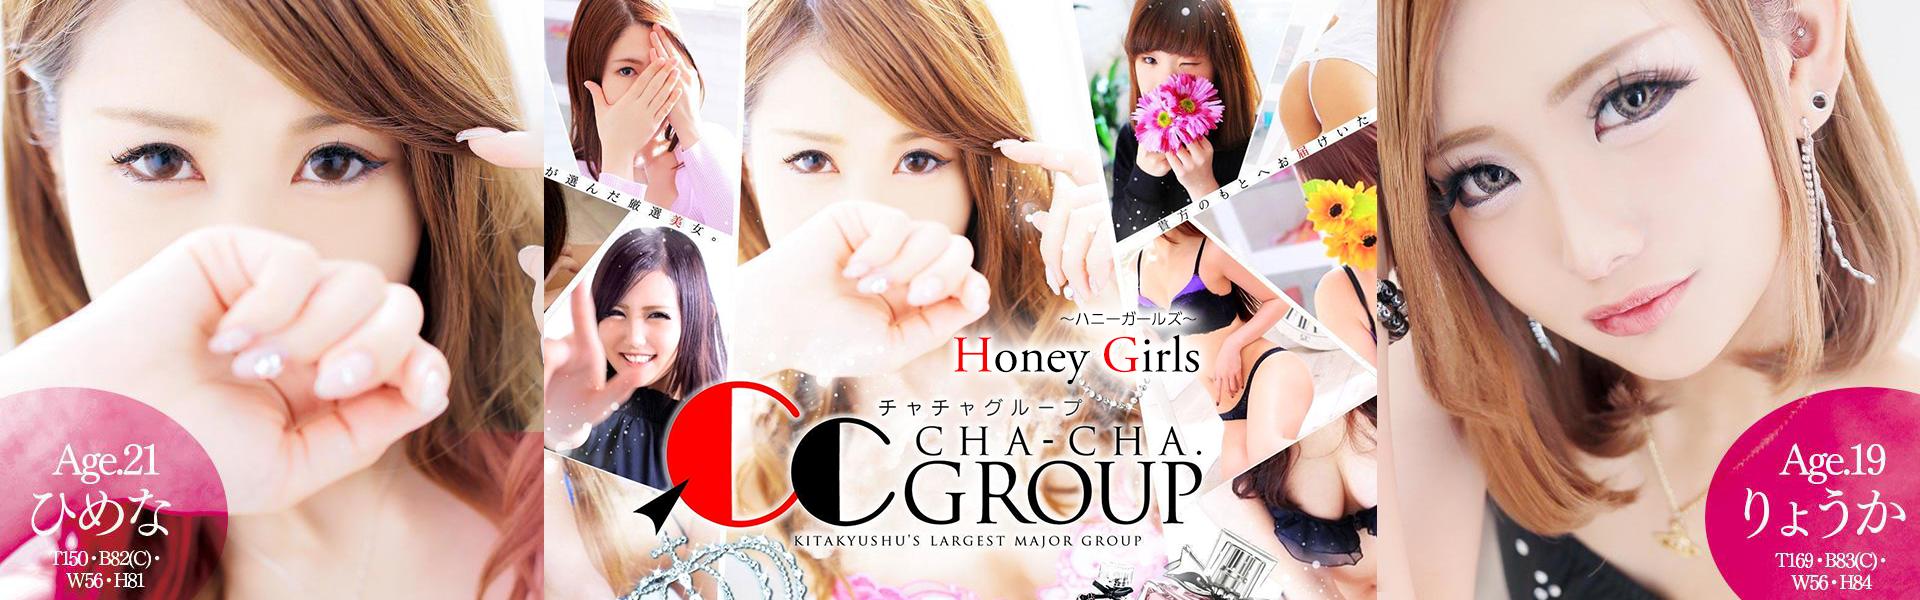 小倉デリヘル『Honey Girls ~ハニーガールズ~』